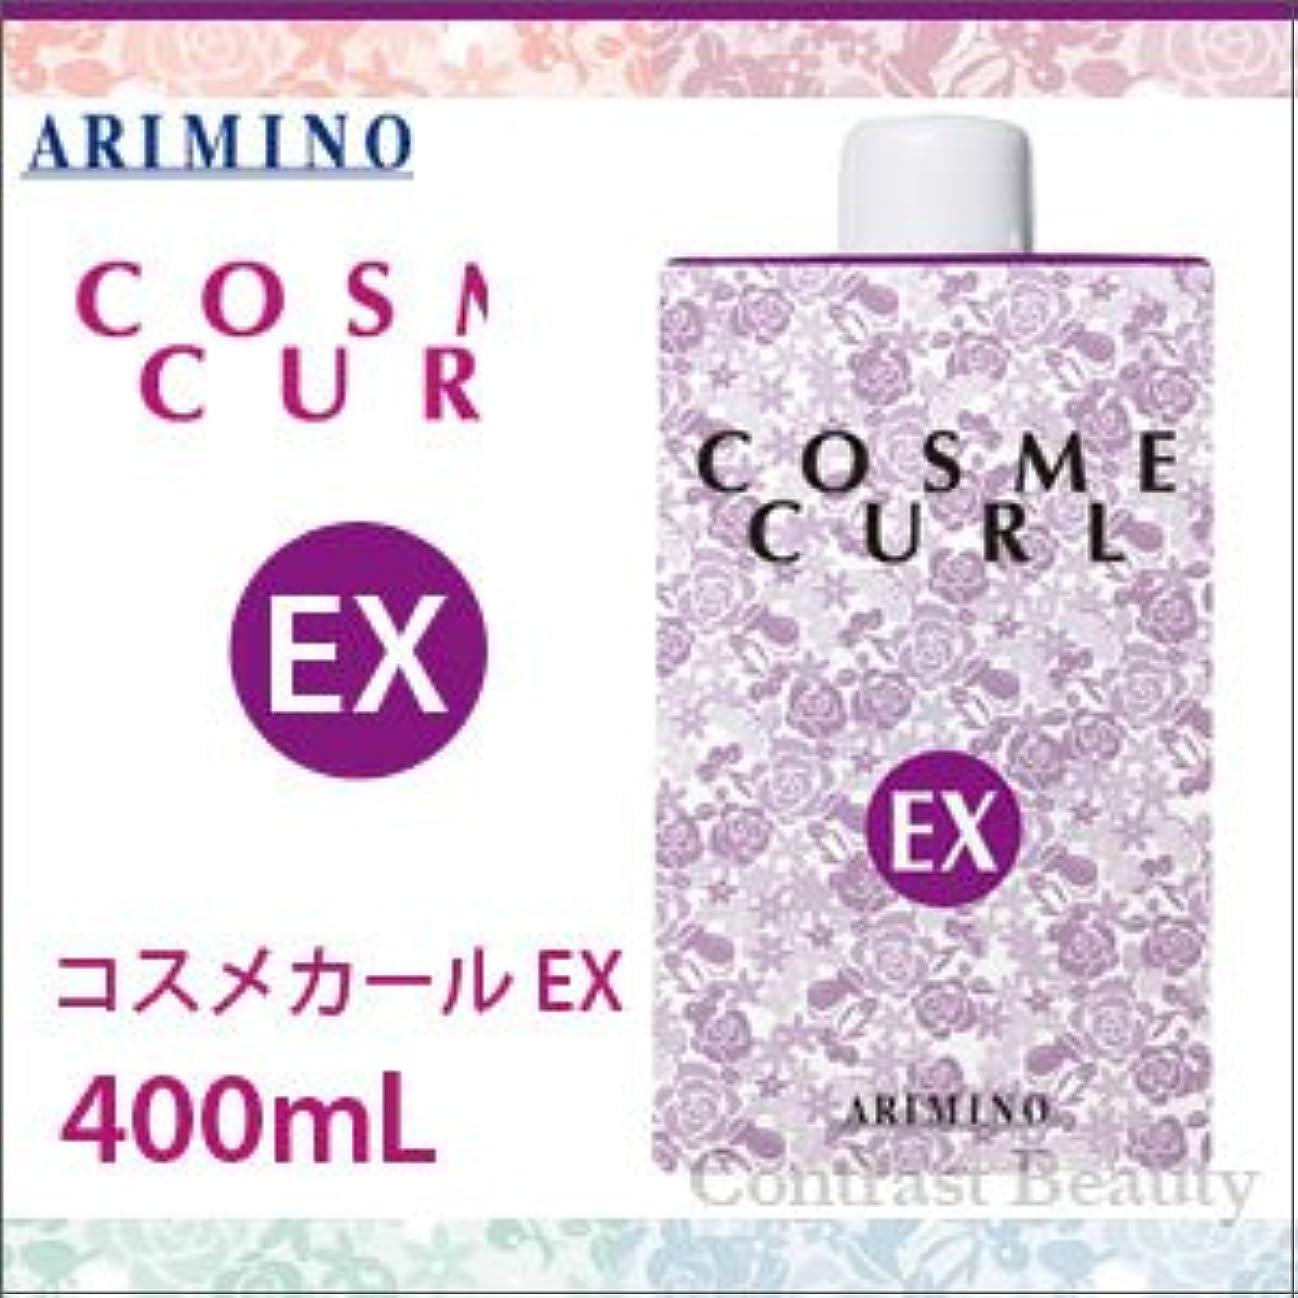 物質不利益素晴らしさアリミノ コスメカール EX 400ml